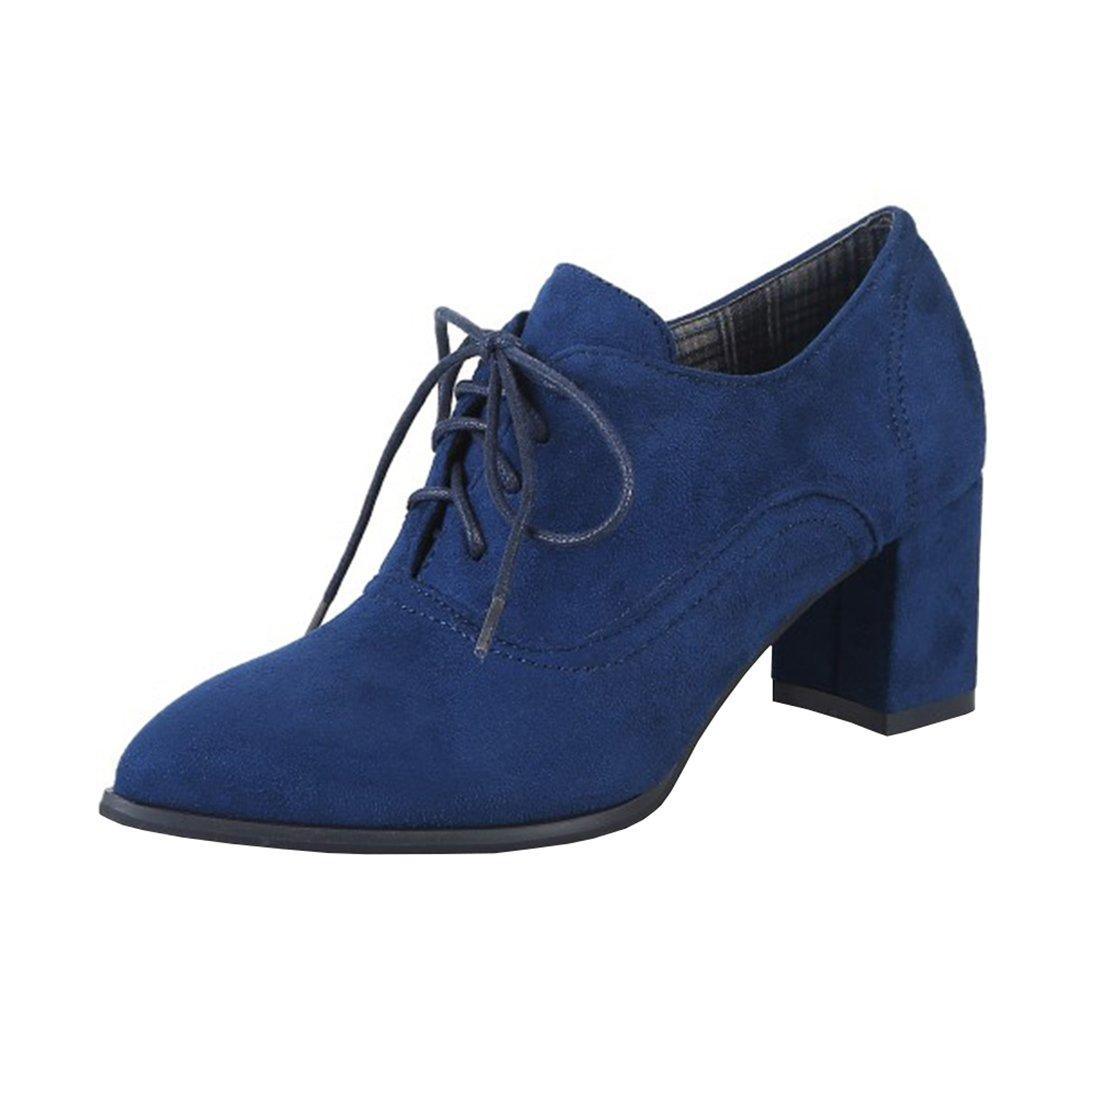 Agodor Damen High Heels Ankle Boots mit Schnürung und Blockabsatz Bequem 6cm Absatz Elegant Pumps Schuhe  34 EU|Blau